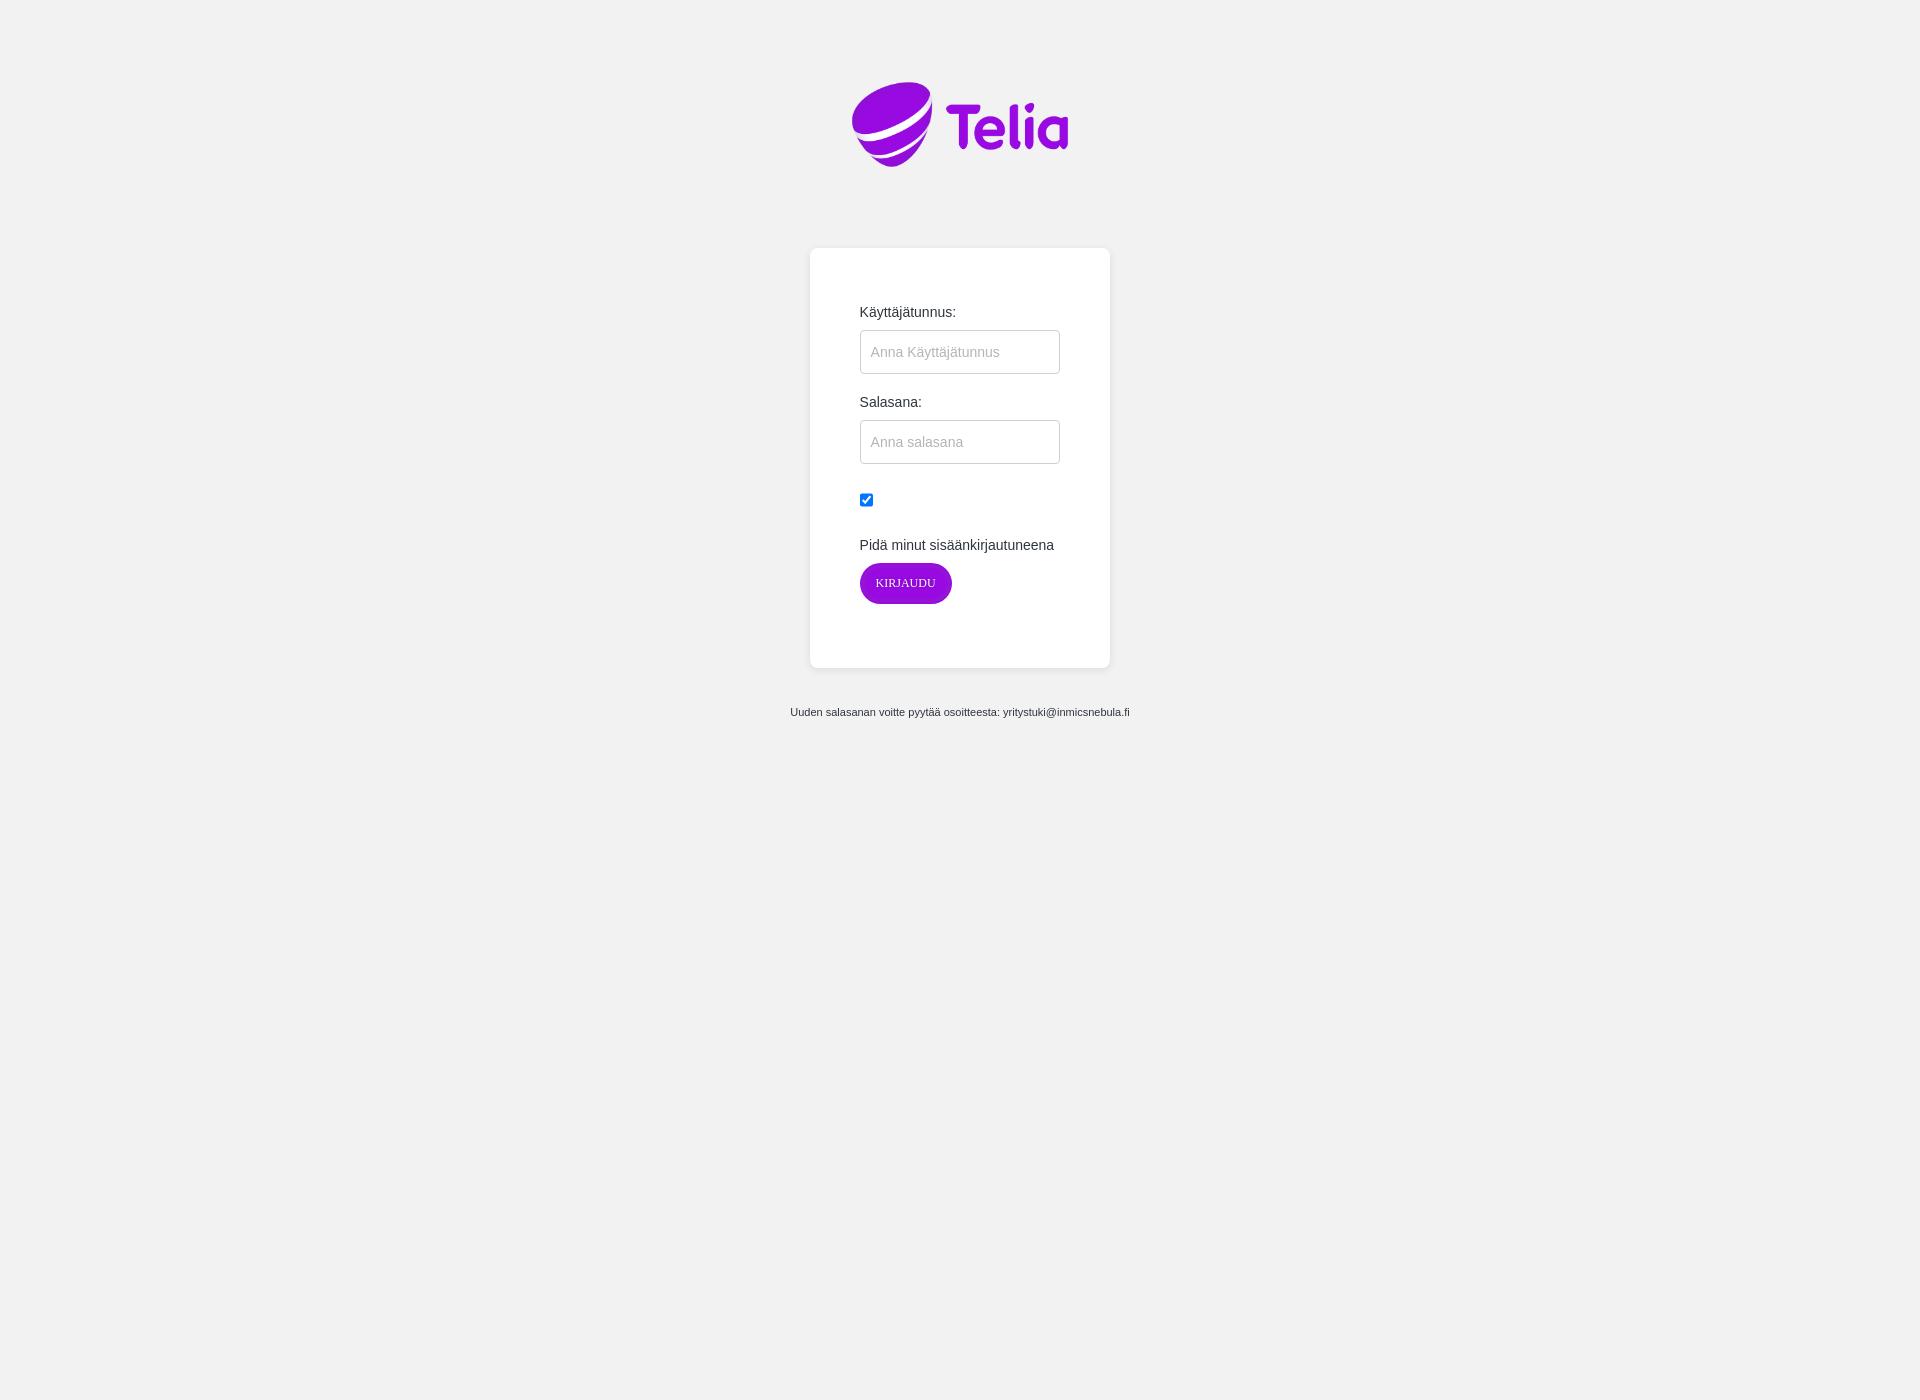 Screenshot for lvivallo.fi